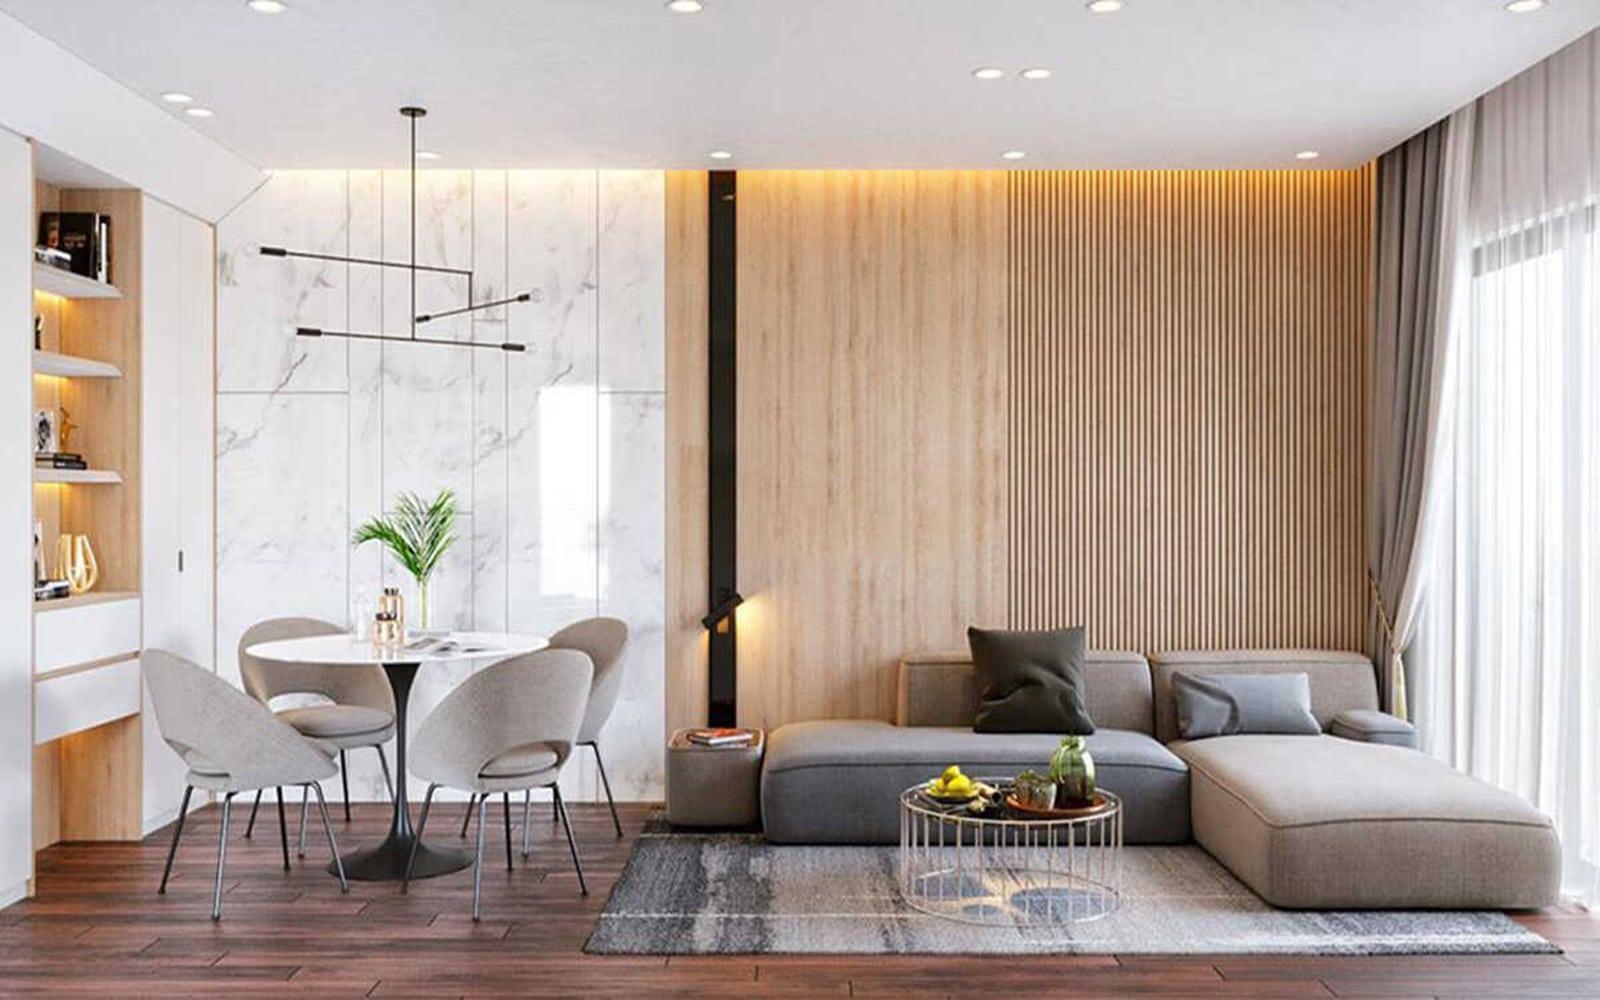 Mẫu Thiết kế nội thất phòng khách đẹp nhất dành cho không gian vừa và nhỏ